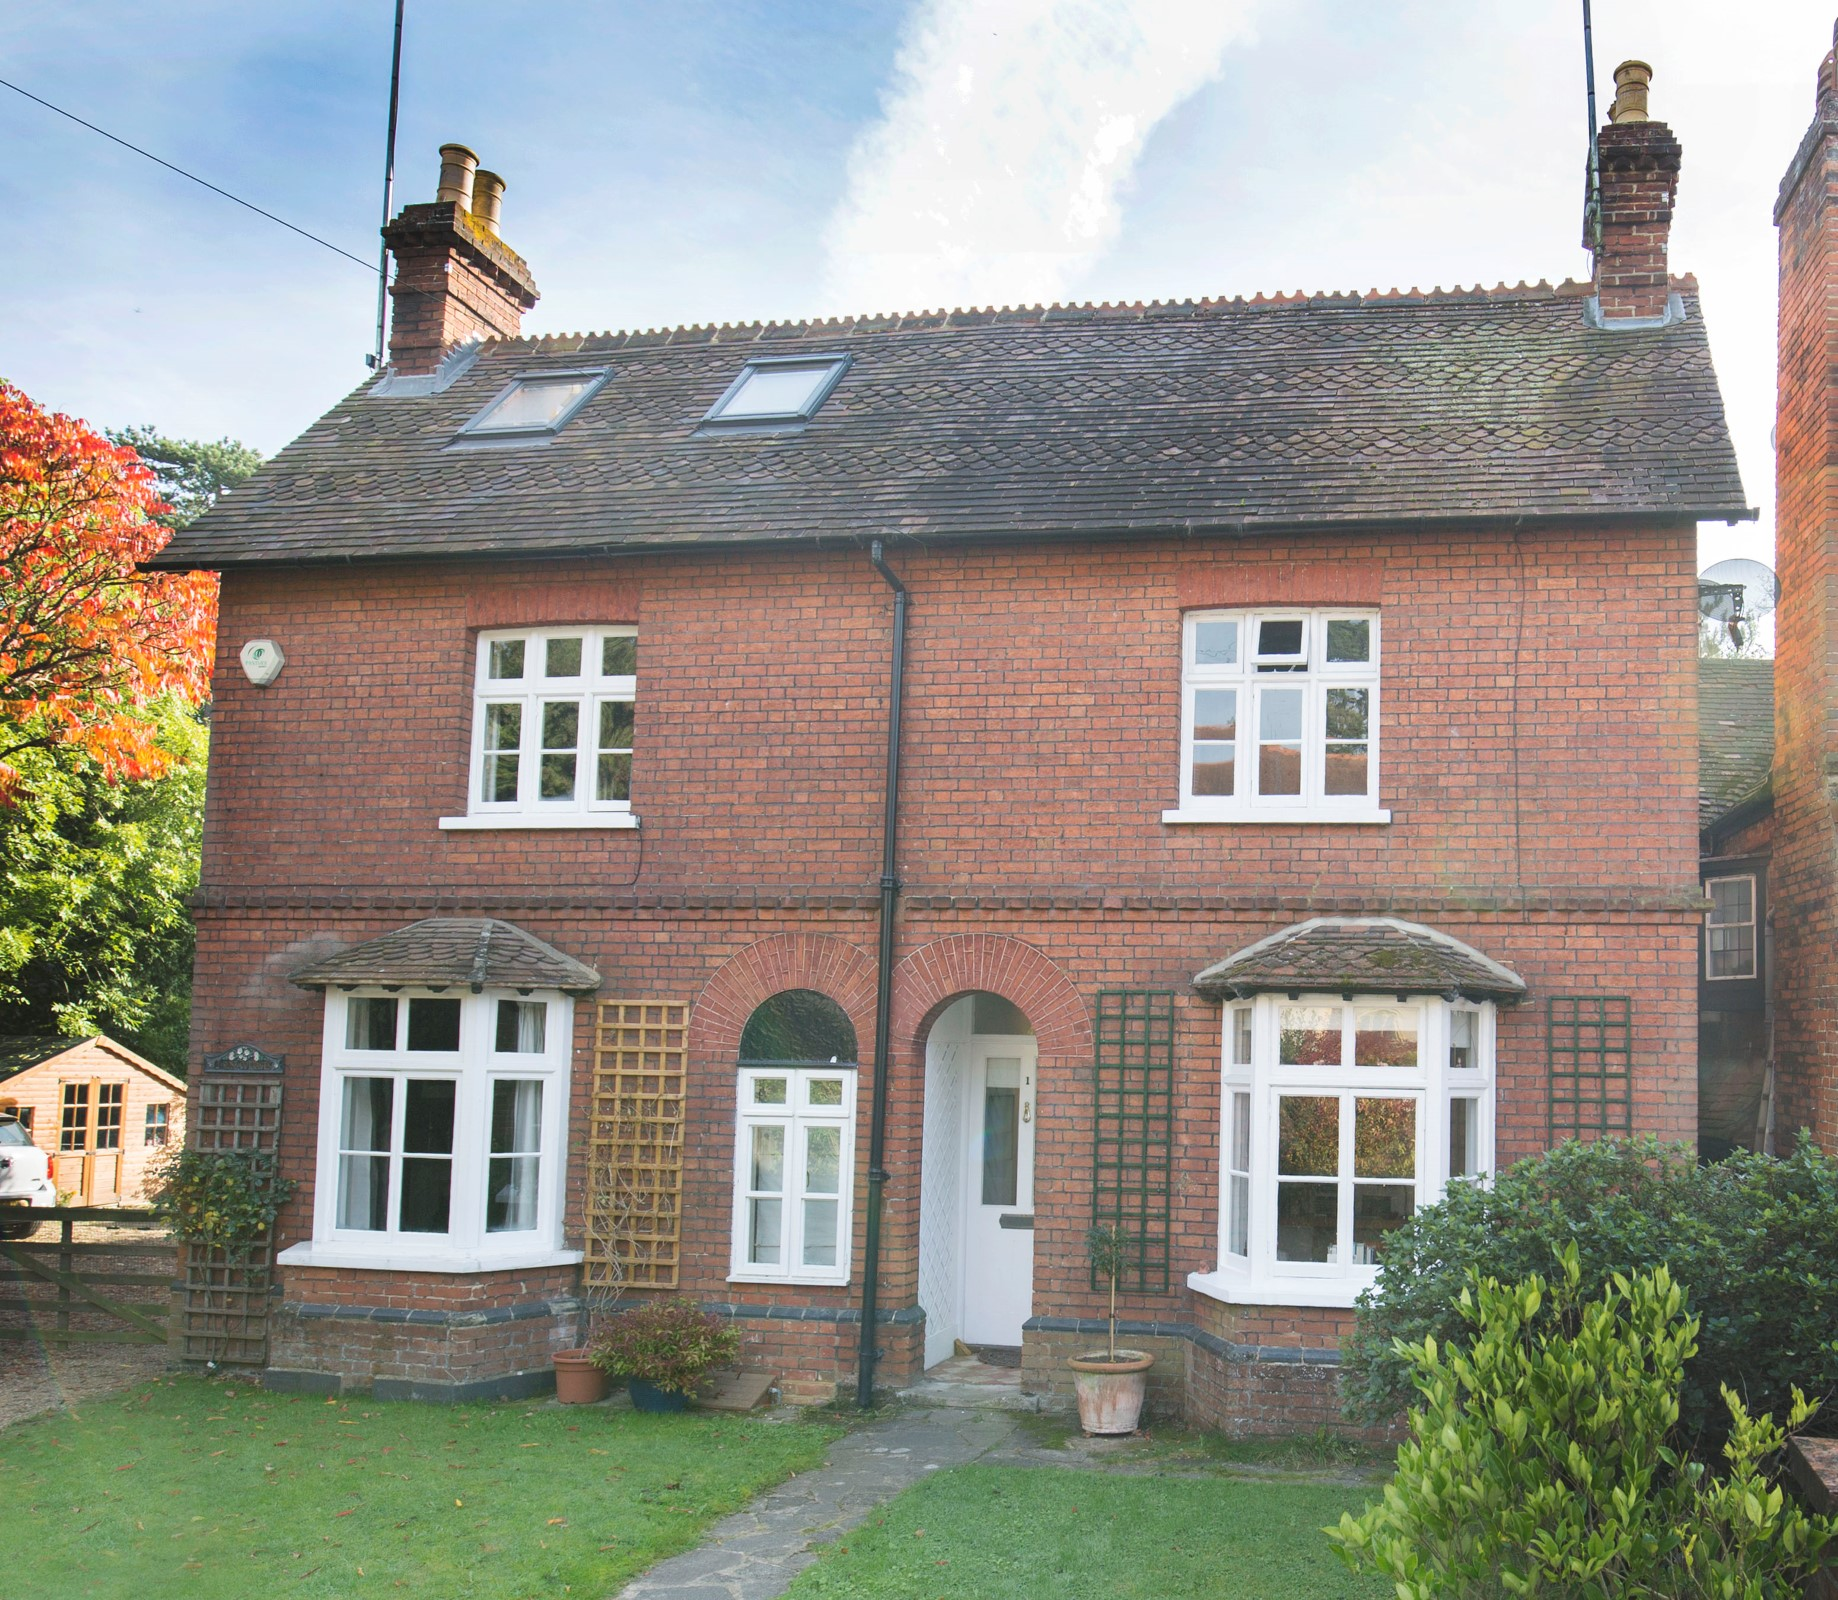 단독 가정 주택 용 매매 에 Country Cottage Rose Cottage Cobham, 영국, KT113EJ 영국